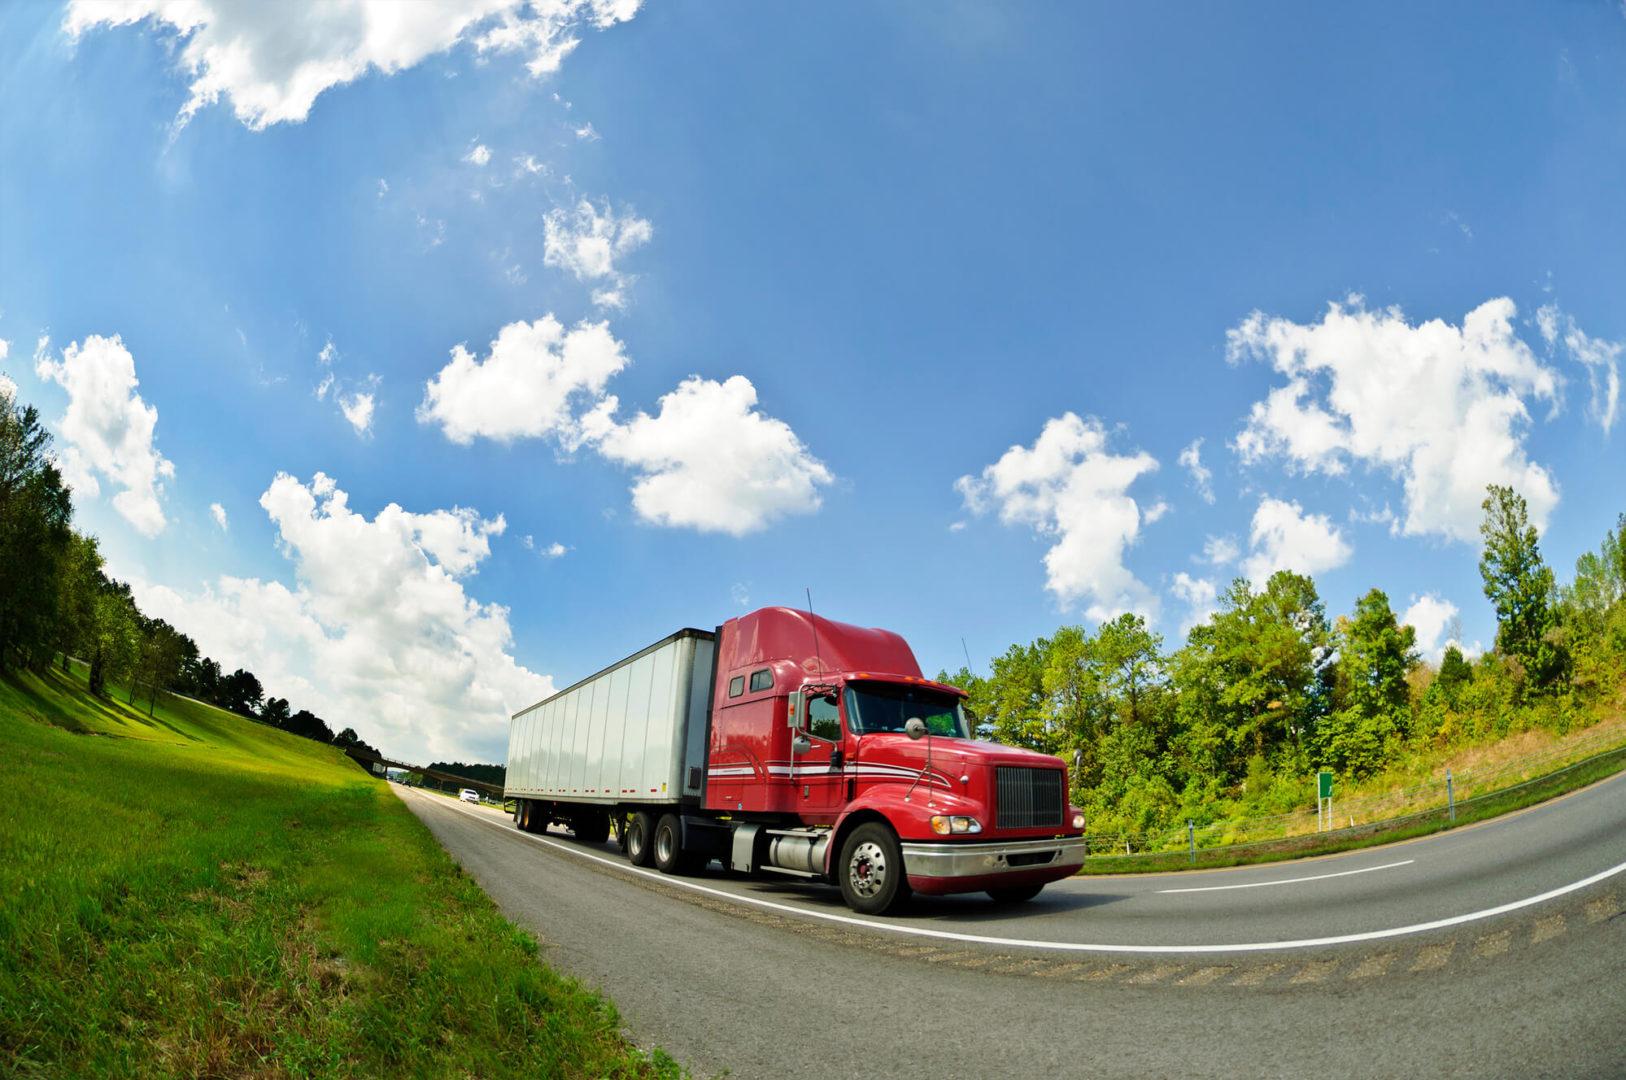 Caminhões são maiores emissores de carbono no setor de energia